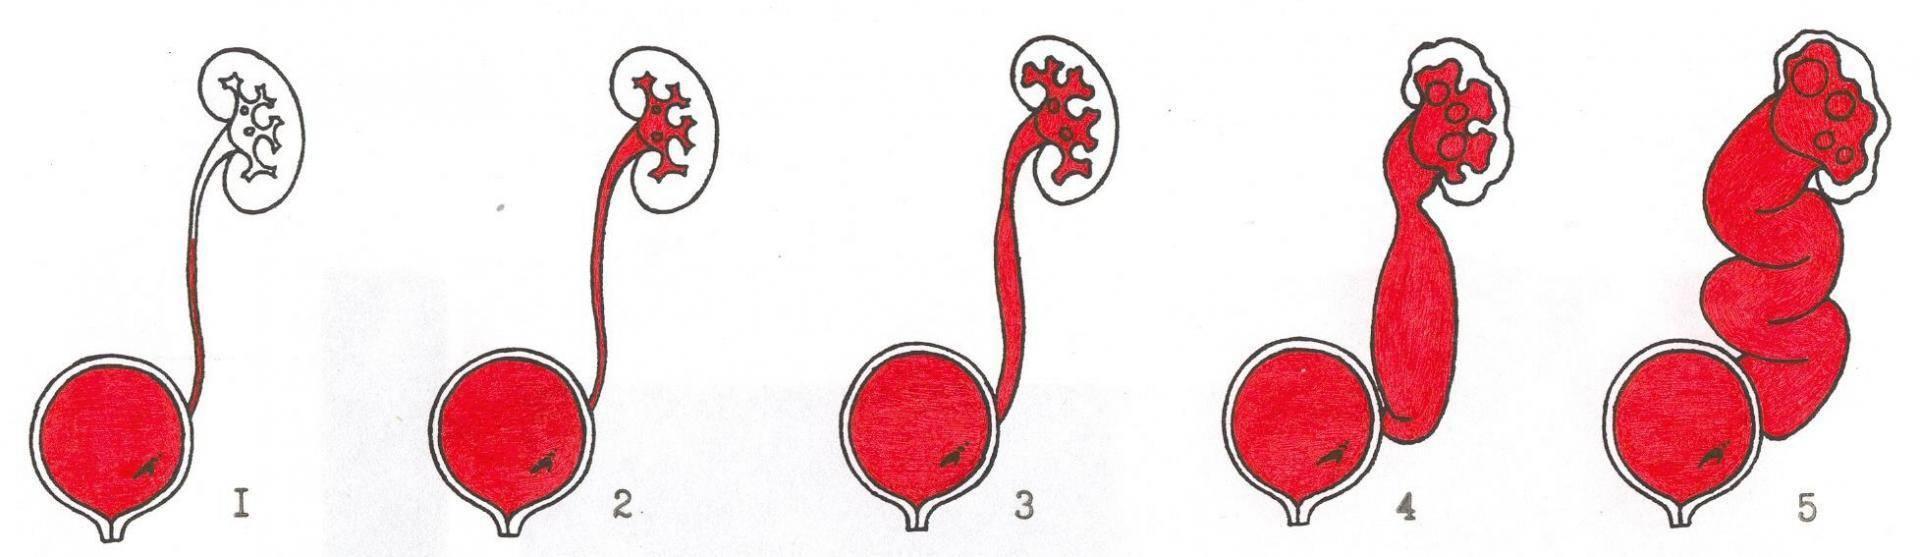 Пузырно-мочеточниковый рефлюкс у детей: симптомы и лечение